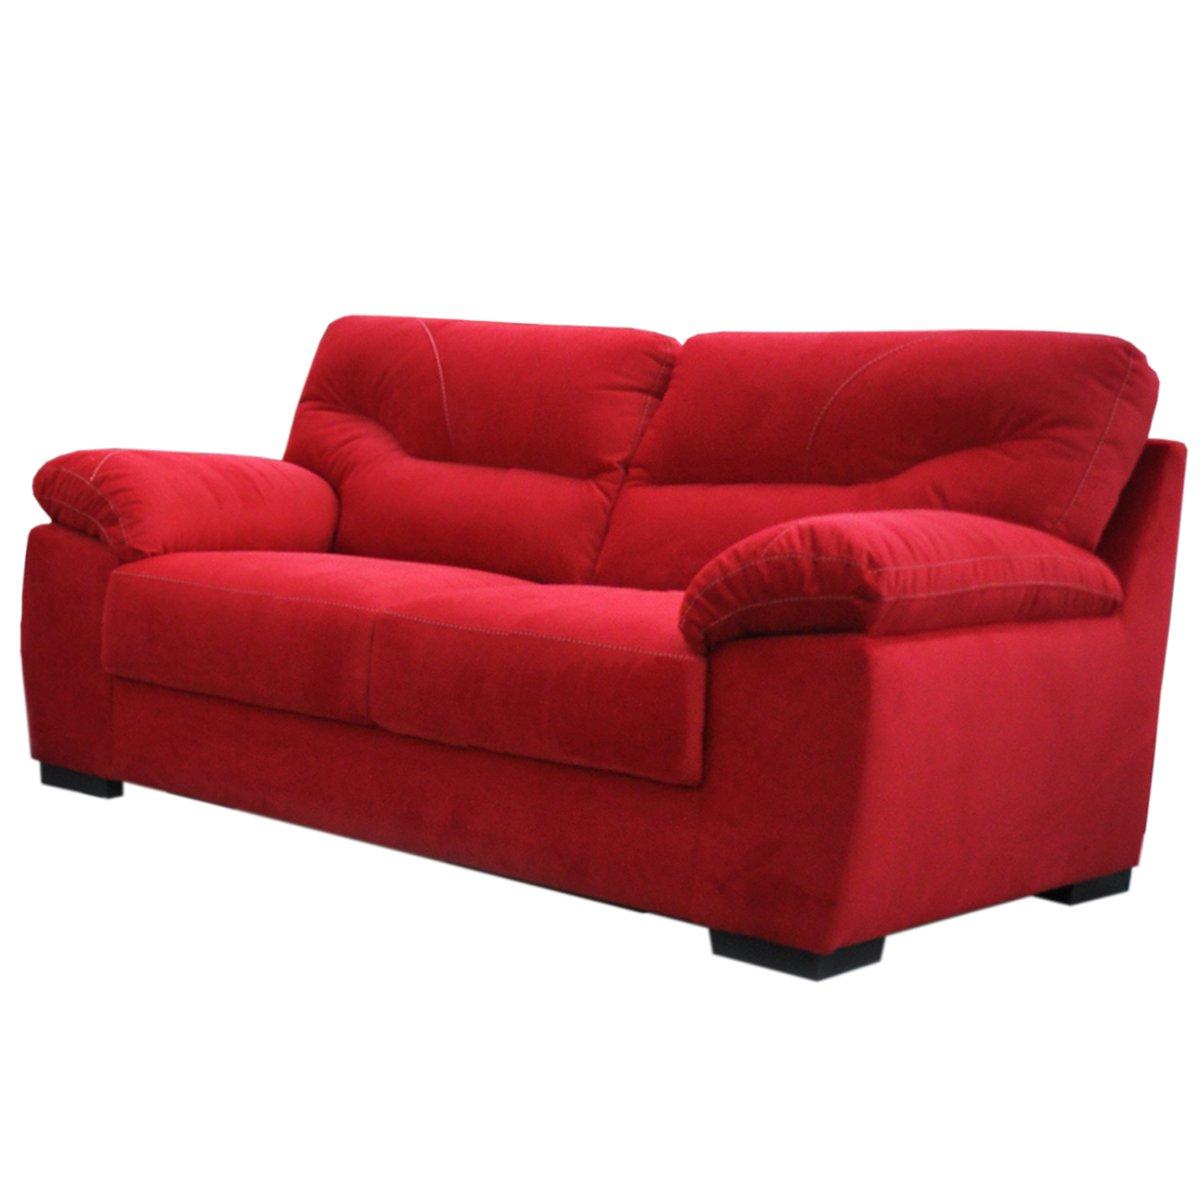 Sof cartagena tapizado tela rojo sears com mx me entiende - Tela tapizado sofa ...